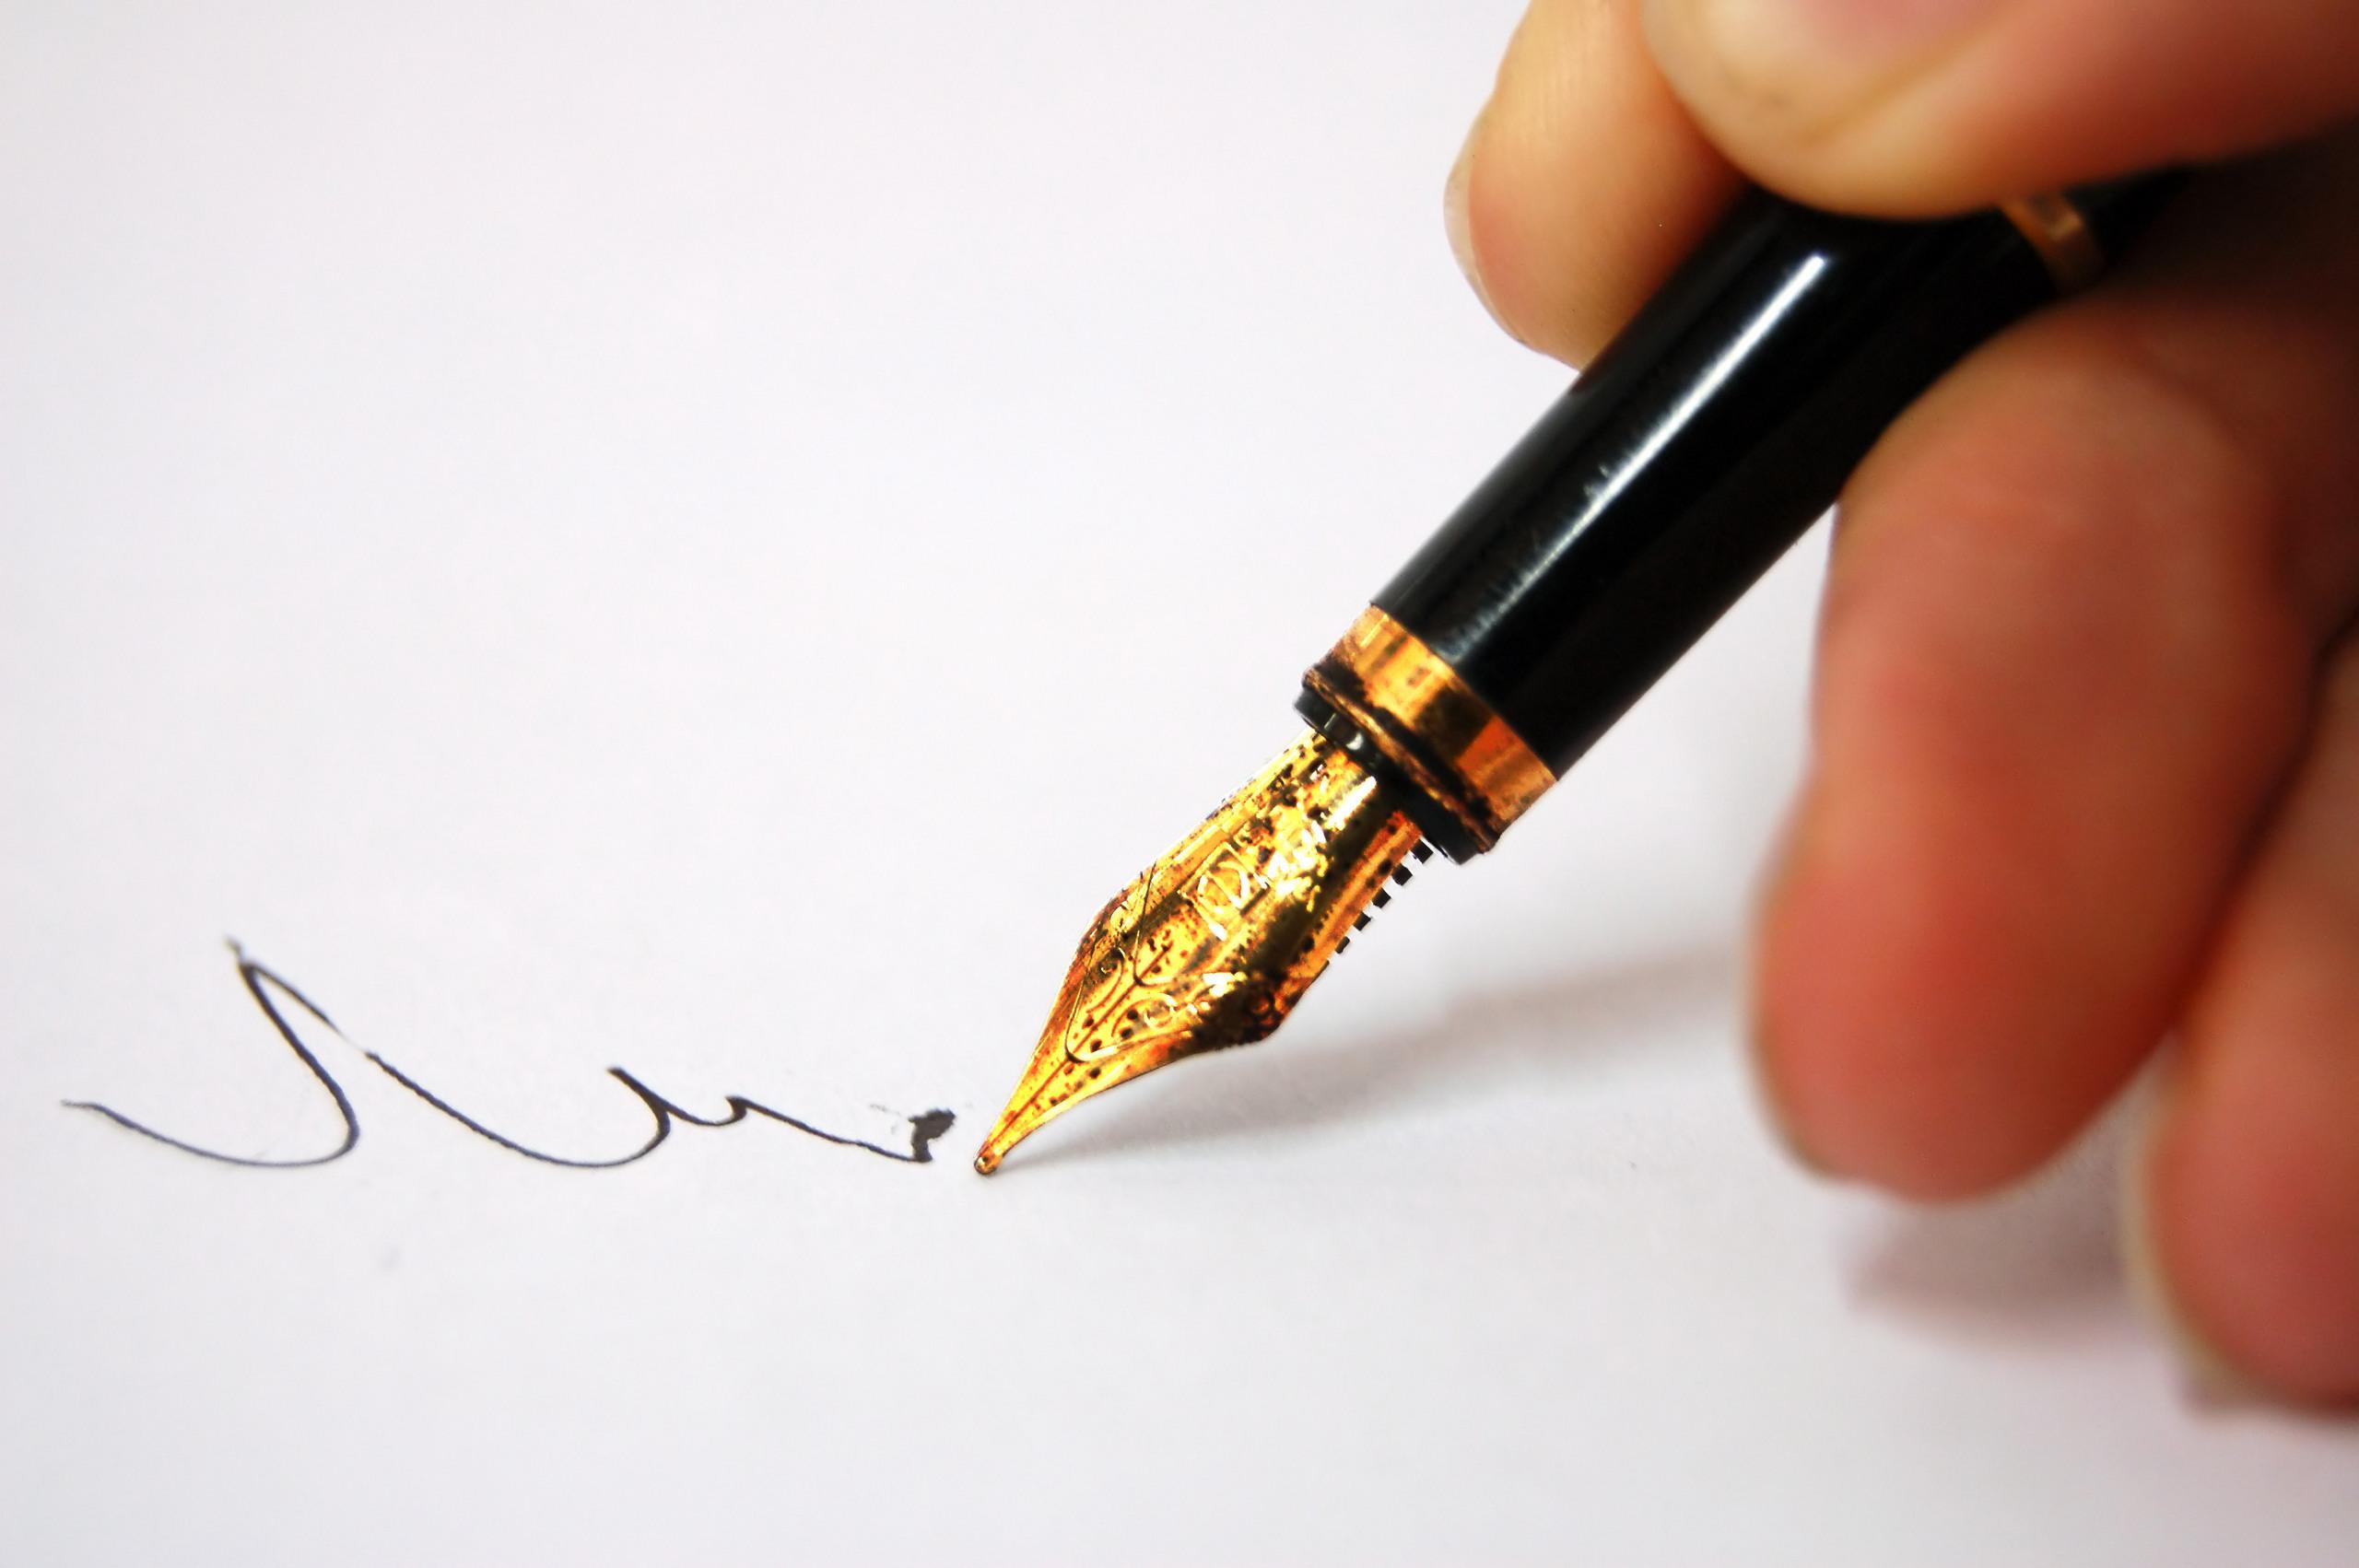 obrázek pera při psaní motivačního dopisu